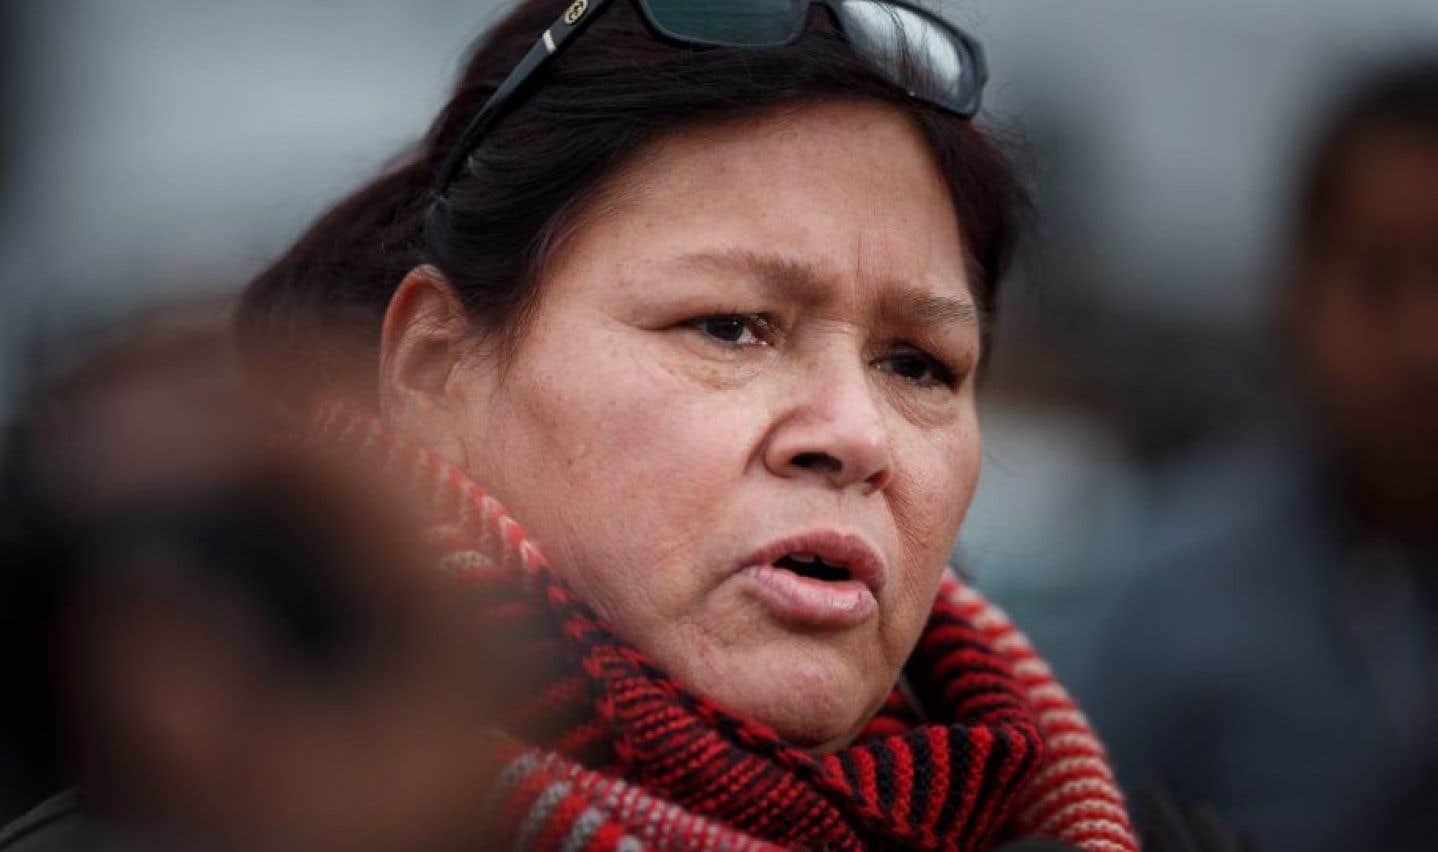 Démissions à l'enquête fédérale: il y a lieu de s'inquiéter, dit Viviane Michel